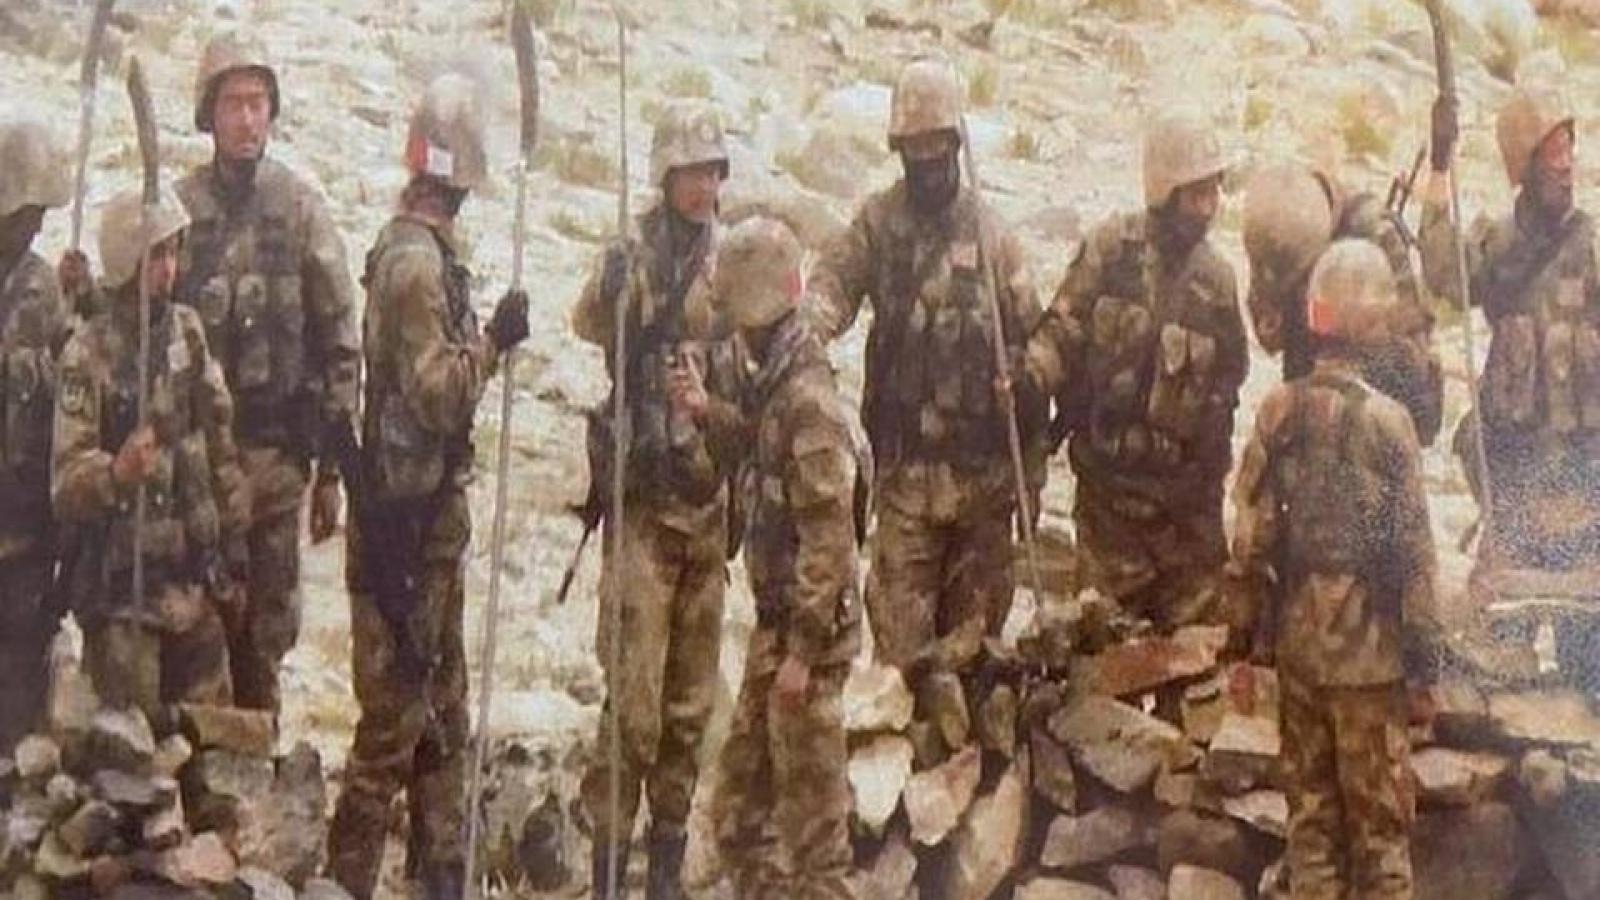 Binh lính Trung Quốc mang gậy, dao rựa và dùi cui đối đầu với phía Ấn Độ